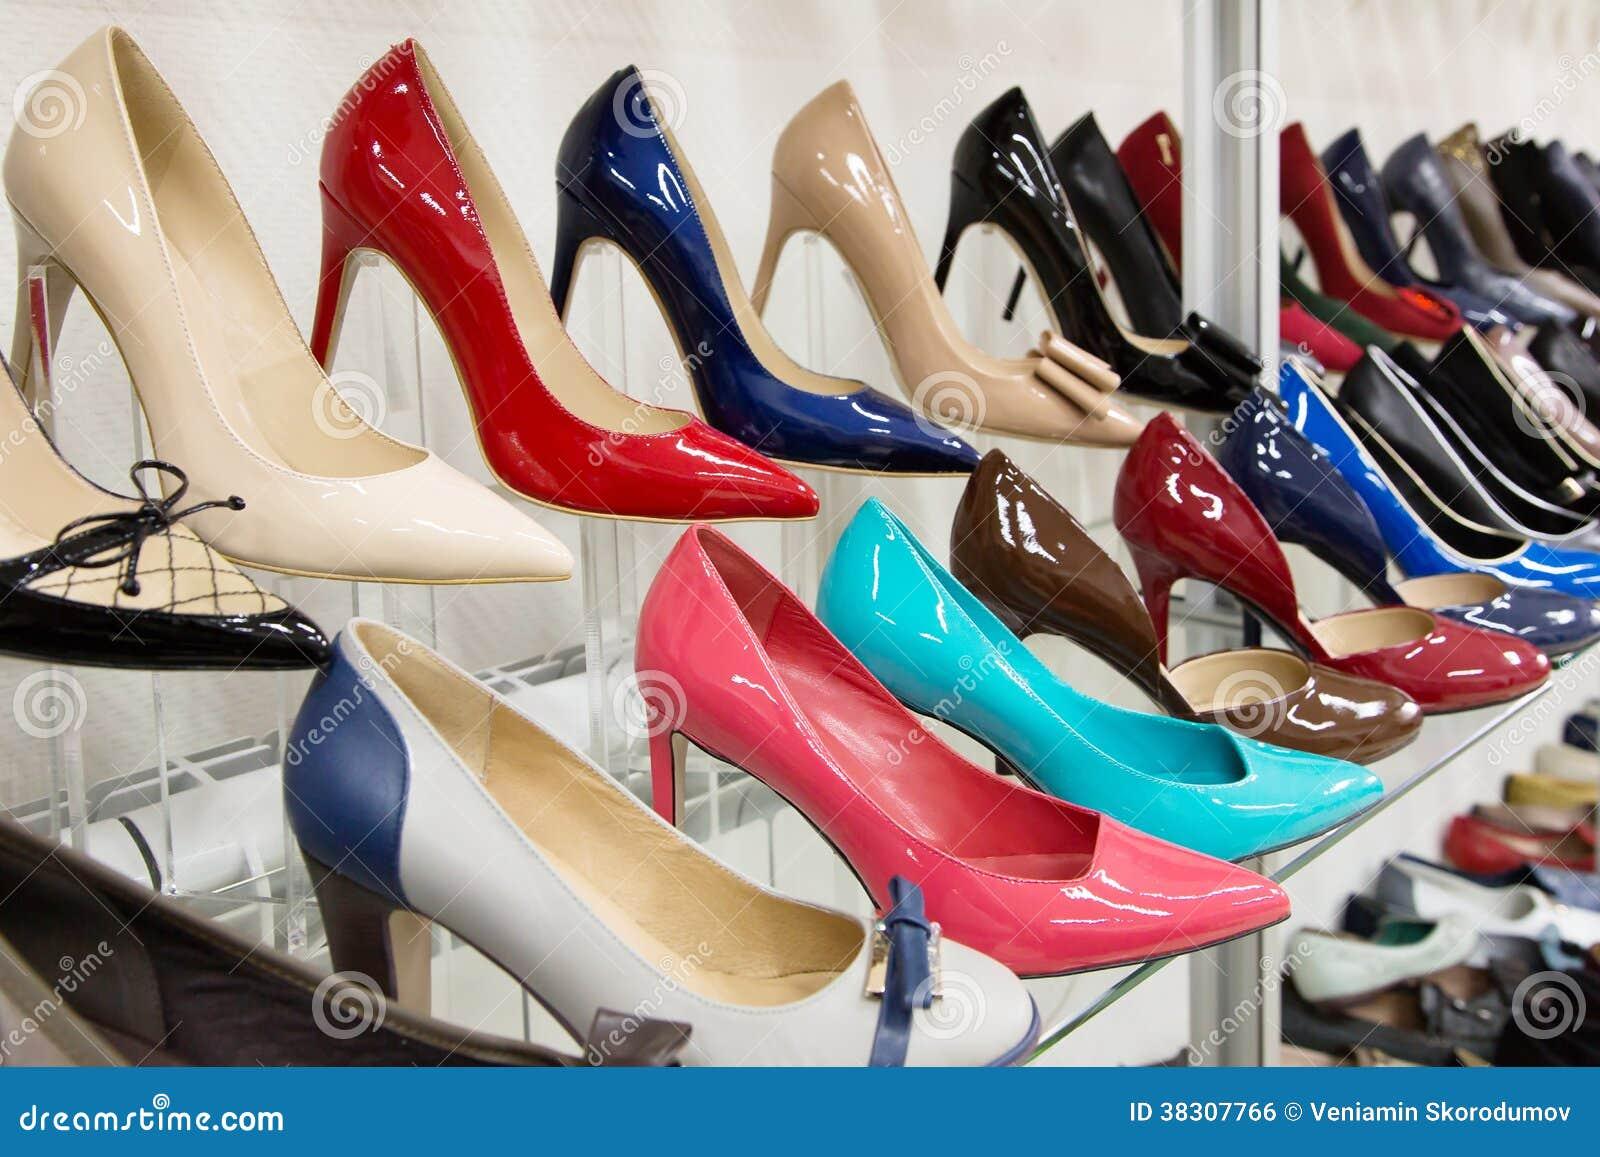 d1b29a293c6 Rangées Des Chaussures Des Belles Femmes Sur Des Rayons De Magasin ...